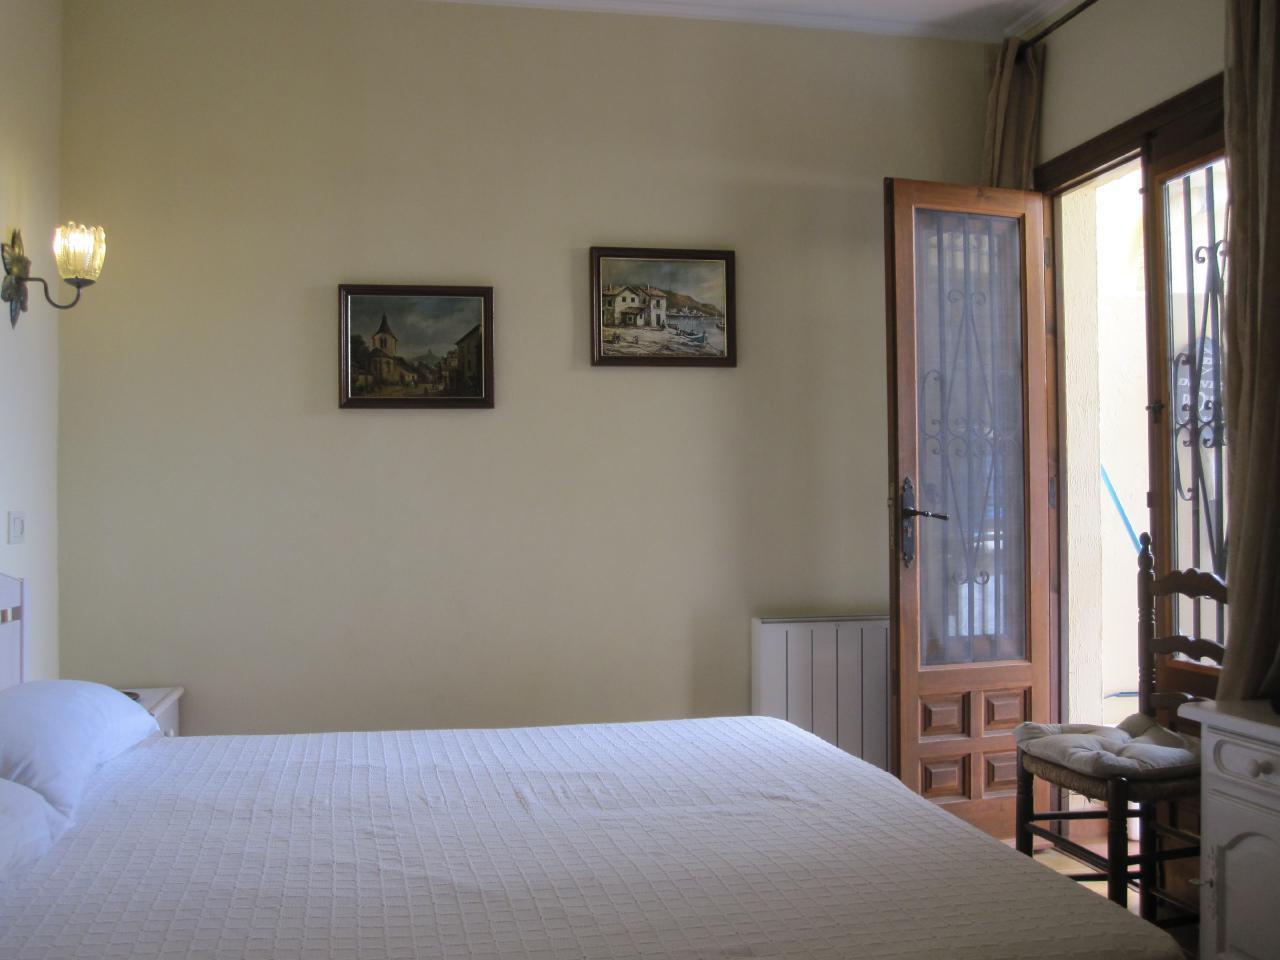 Ferienhaus Komfortabler Meerblick-Bungalow mit Aircondition und Internet in Moraira-Teulada (1696168), Moraira, Costa Blanca, Valencia, Spanien, Bild 25